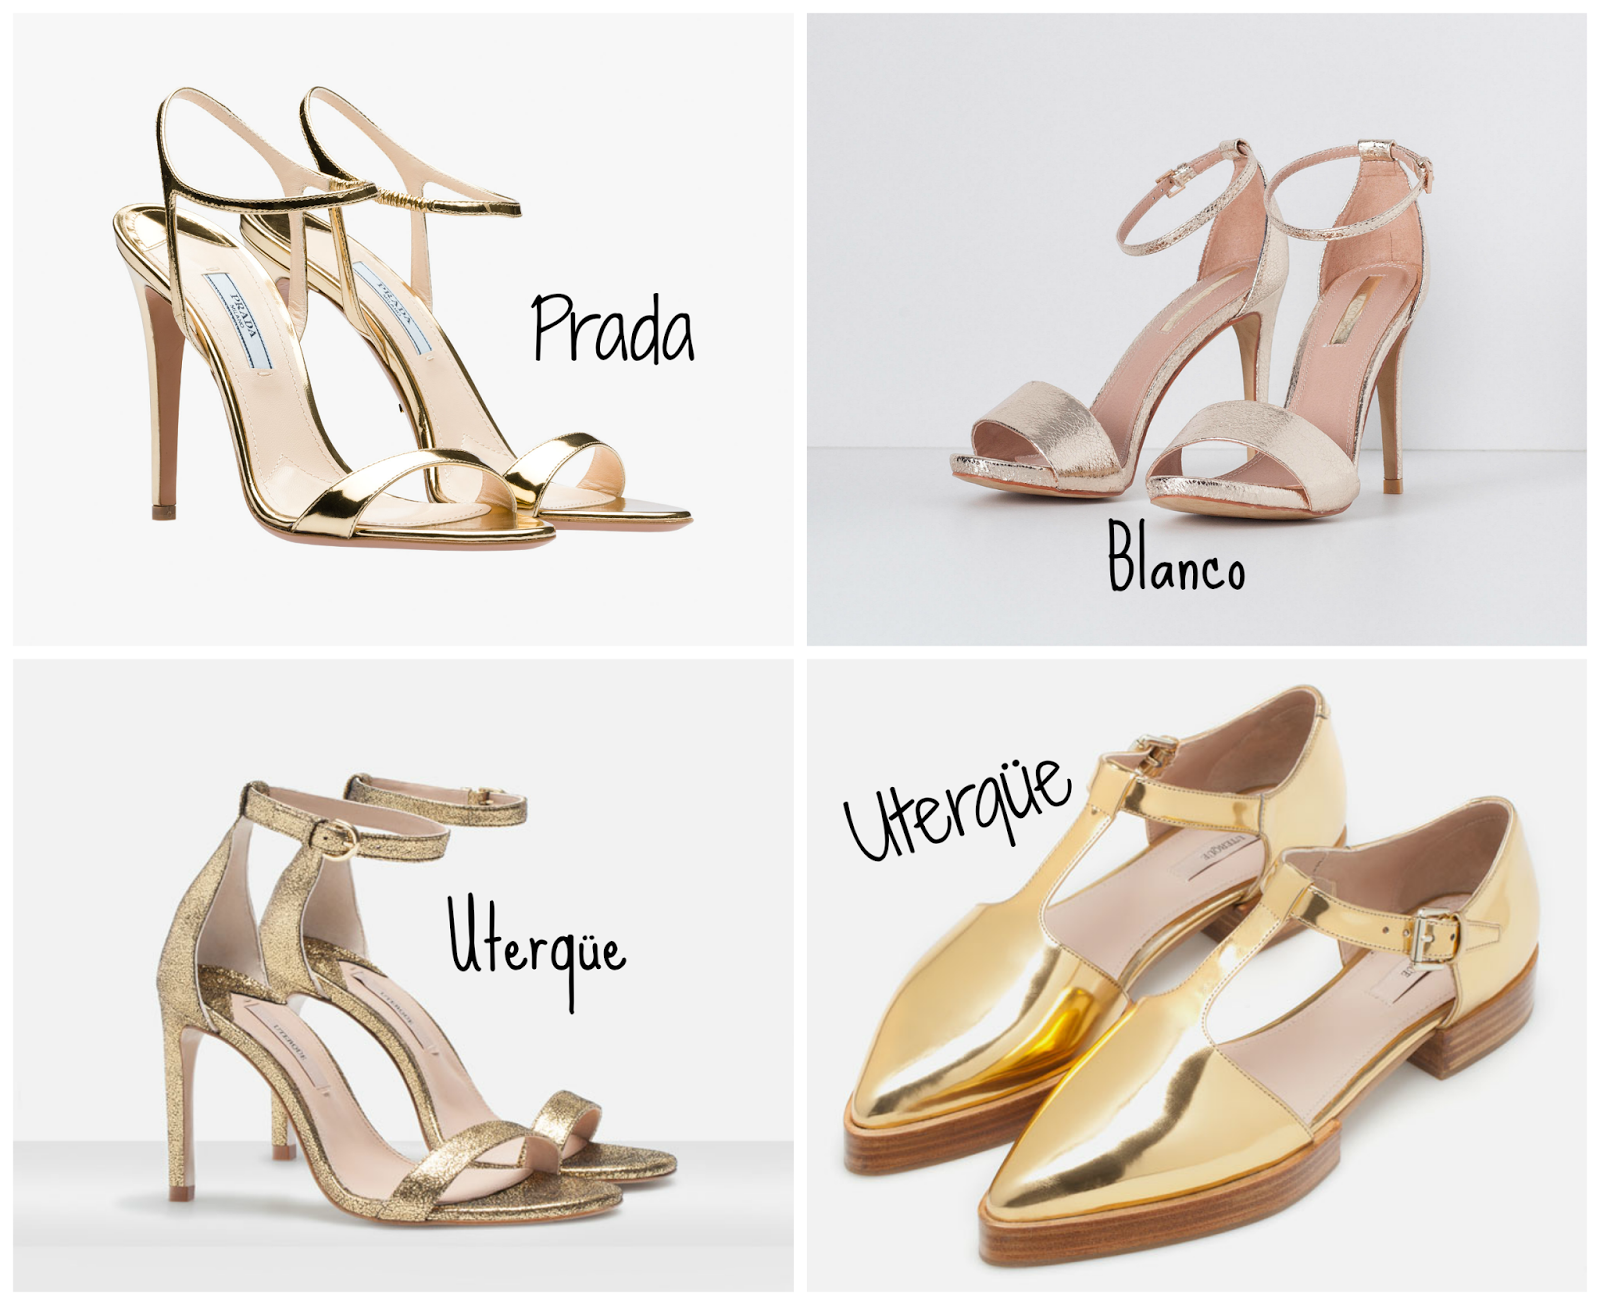 Esta selección de dorados incluye sandalias de Uterqüe que son las que  mejor relación calidad precio tienen, no superan los 100 euros y tienen un  tacón muy